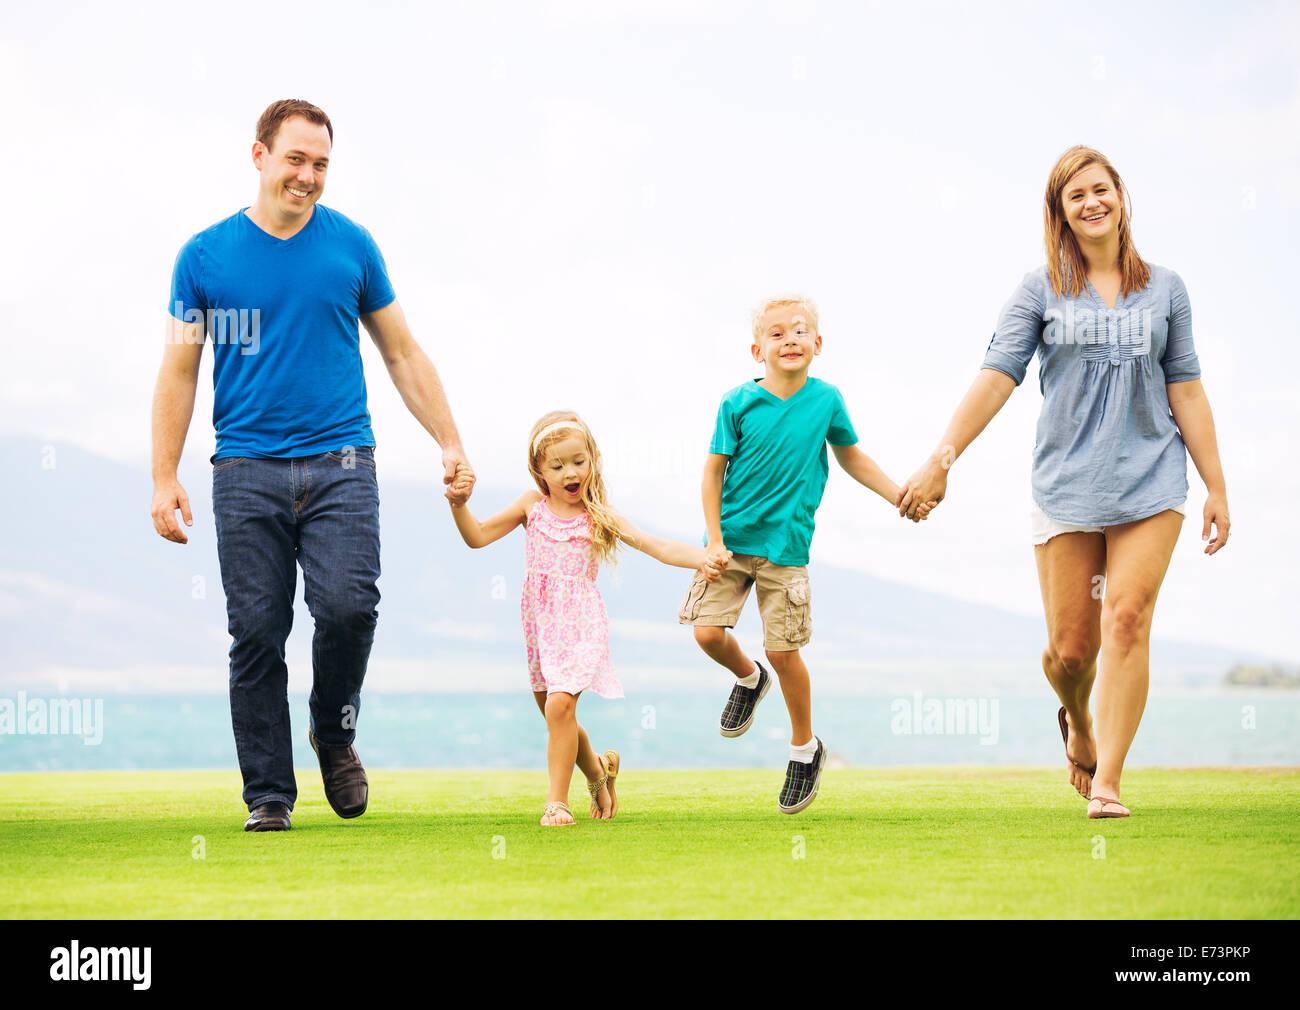 Famille heureuse à l'extérieur sur l'herbe Photo Stock